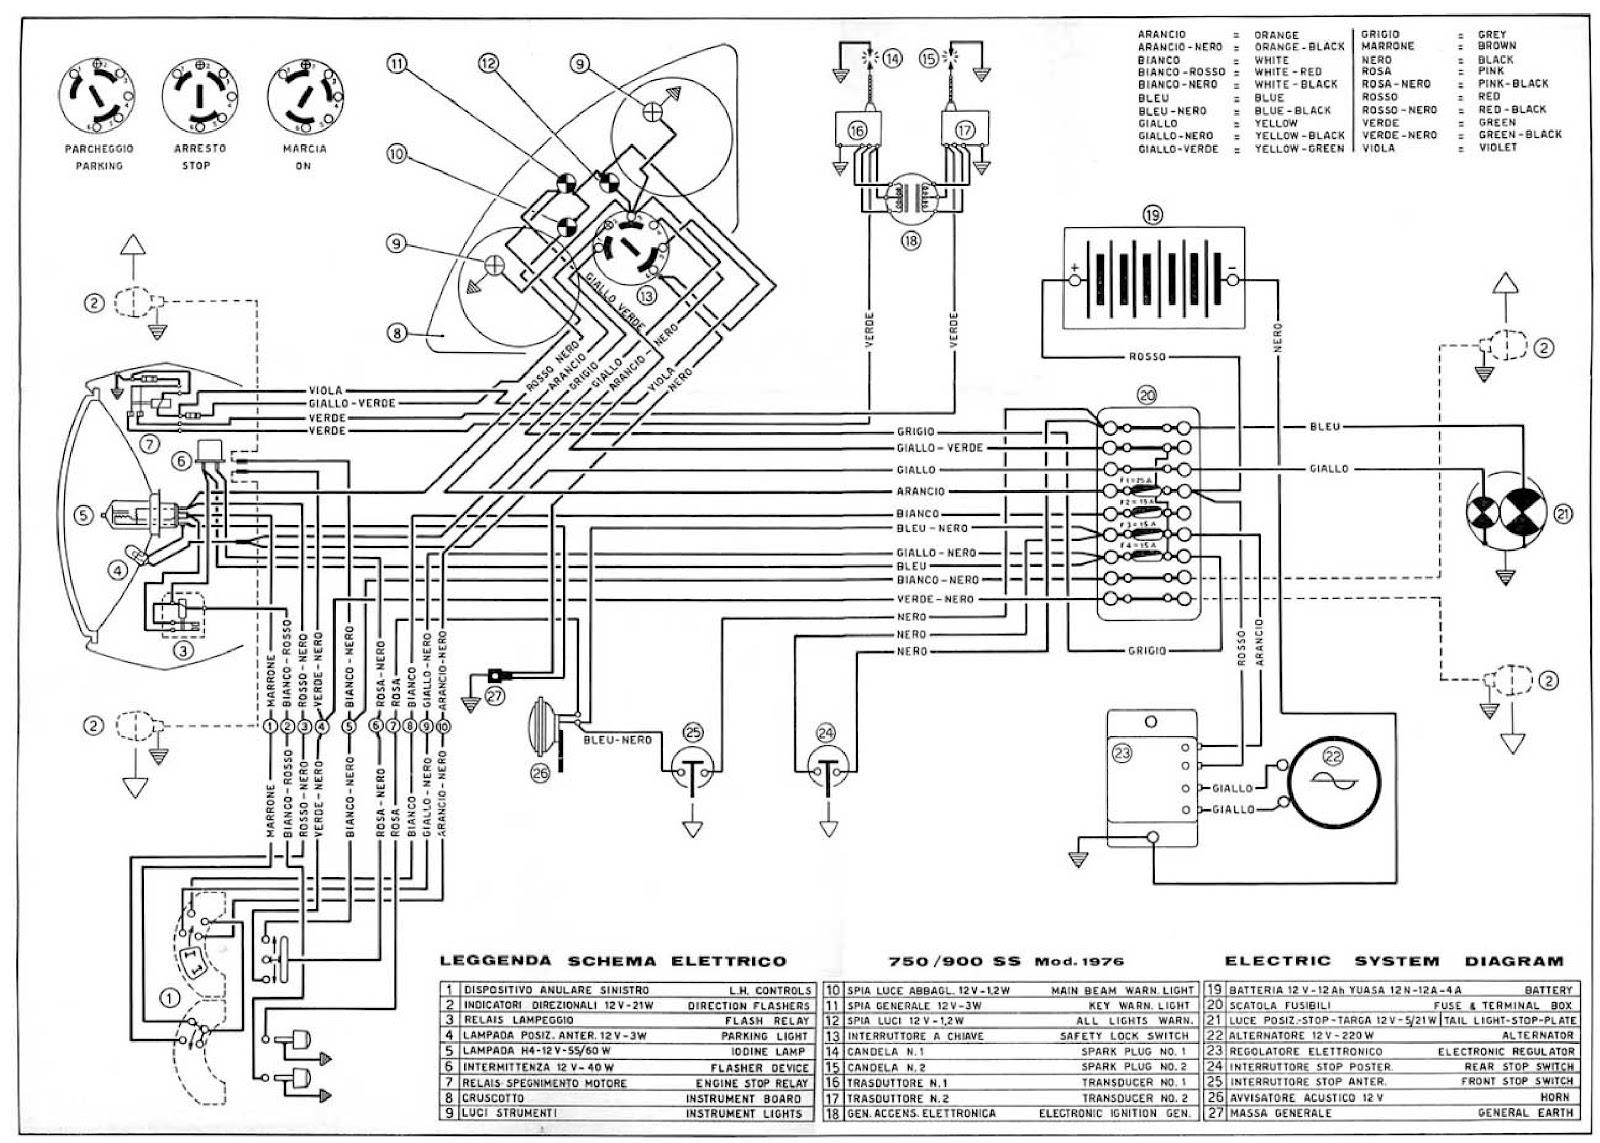 ducati pantah wiring diagram tf 2026  ducati monza wiring schematic wiring  ducati monza wiring schematic wiring